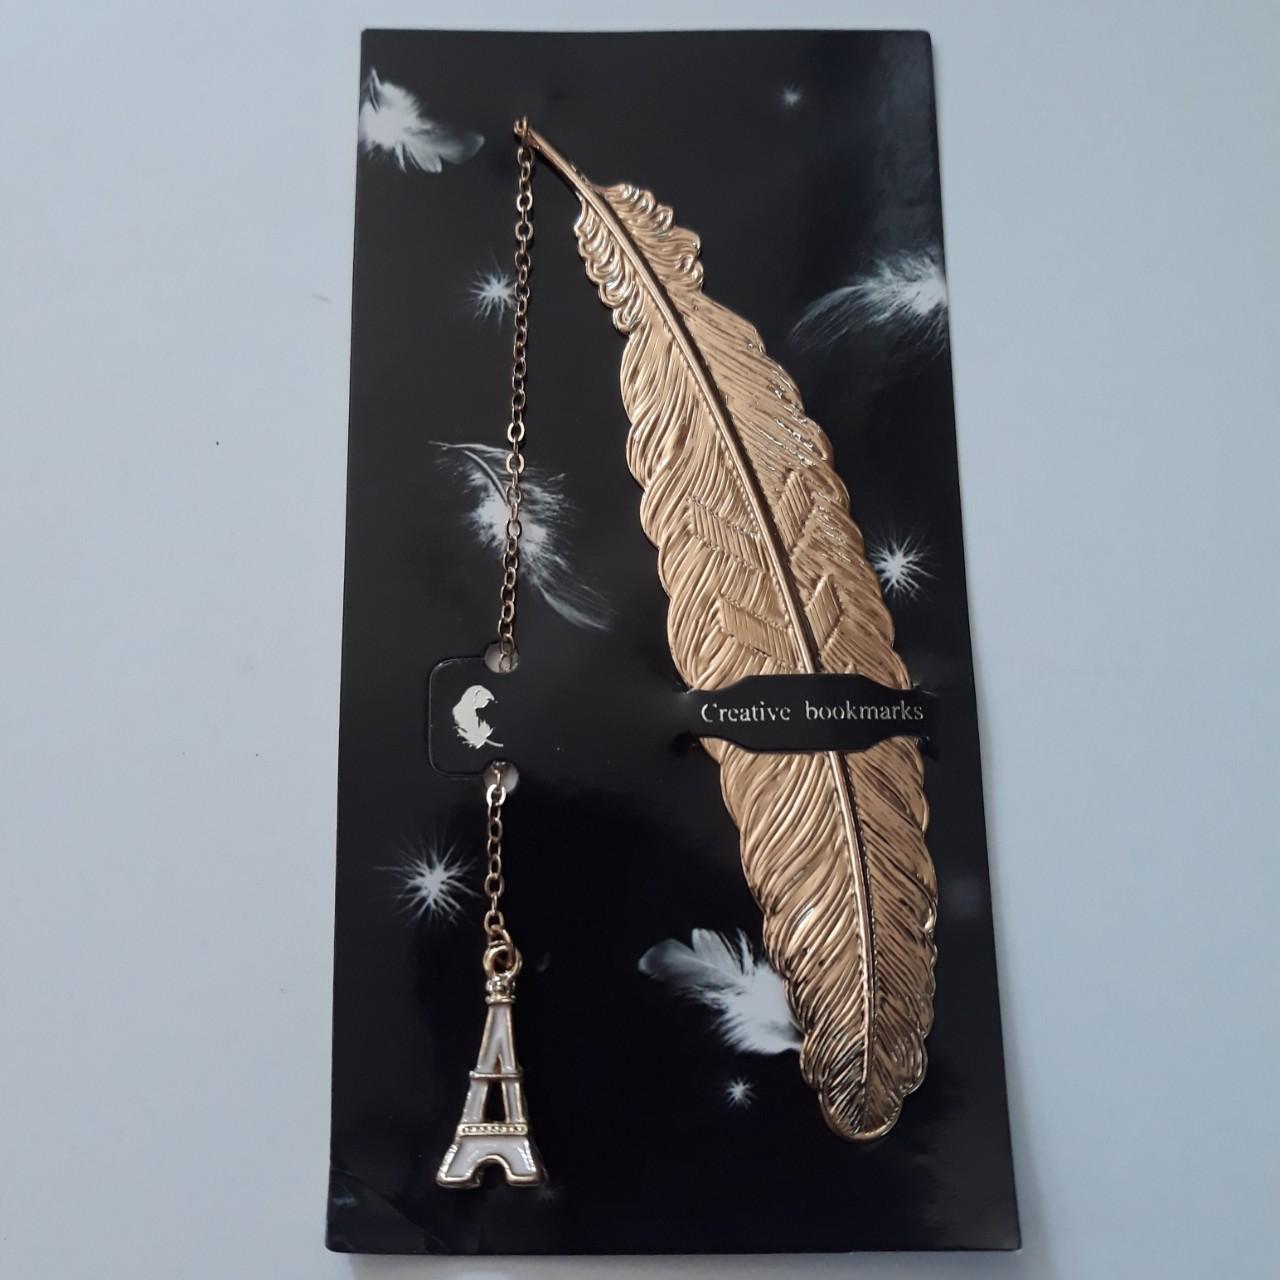 Bookmark Kim Loại Đánh Dấu Sách Hình Lông Vũ Dây Treo Hình Tháp Eiffel - Màu Hồng Nhạt